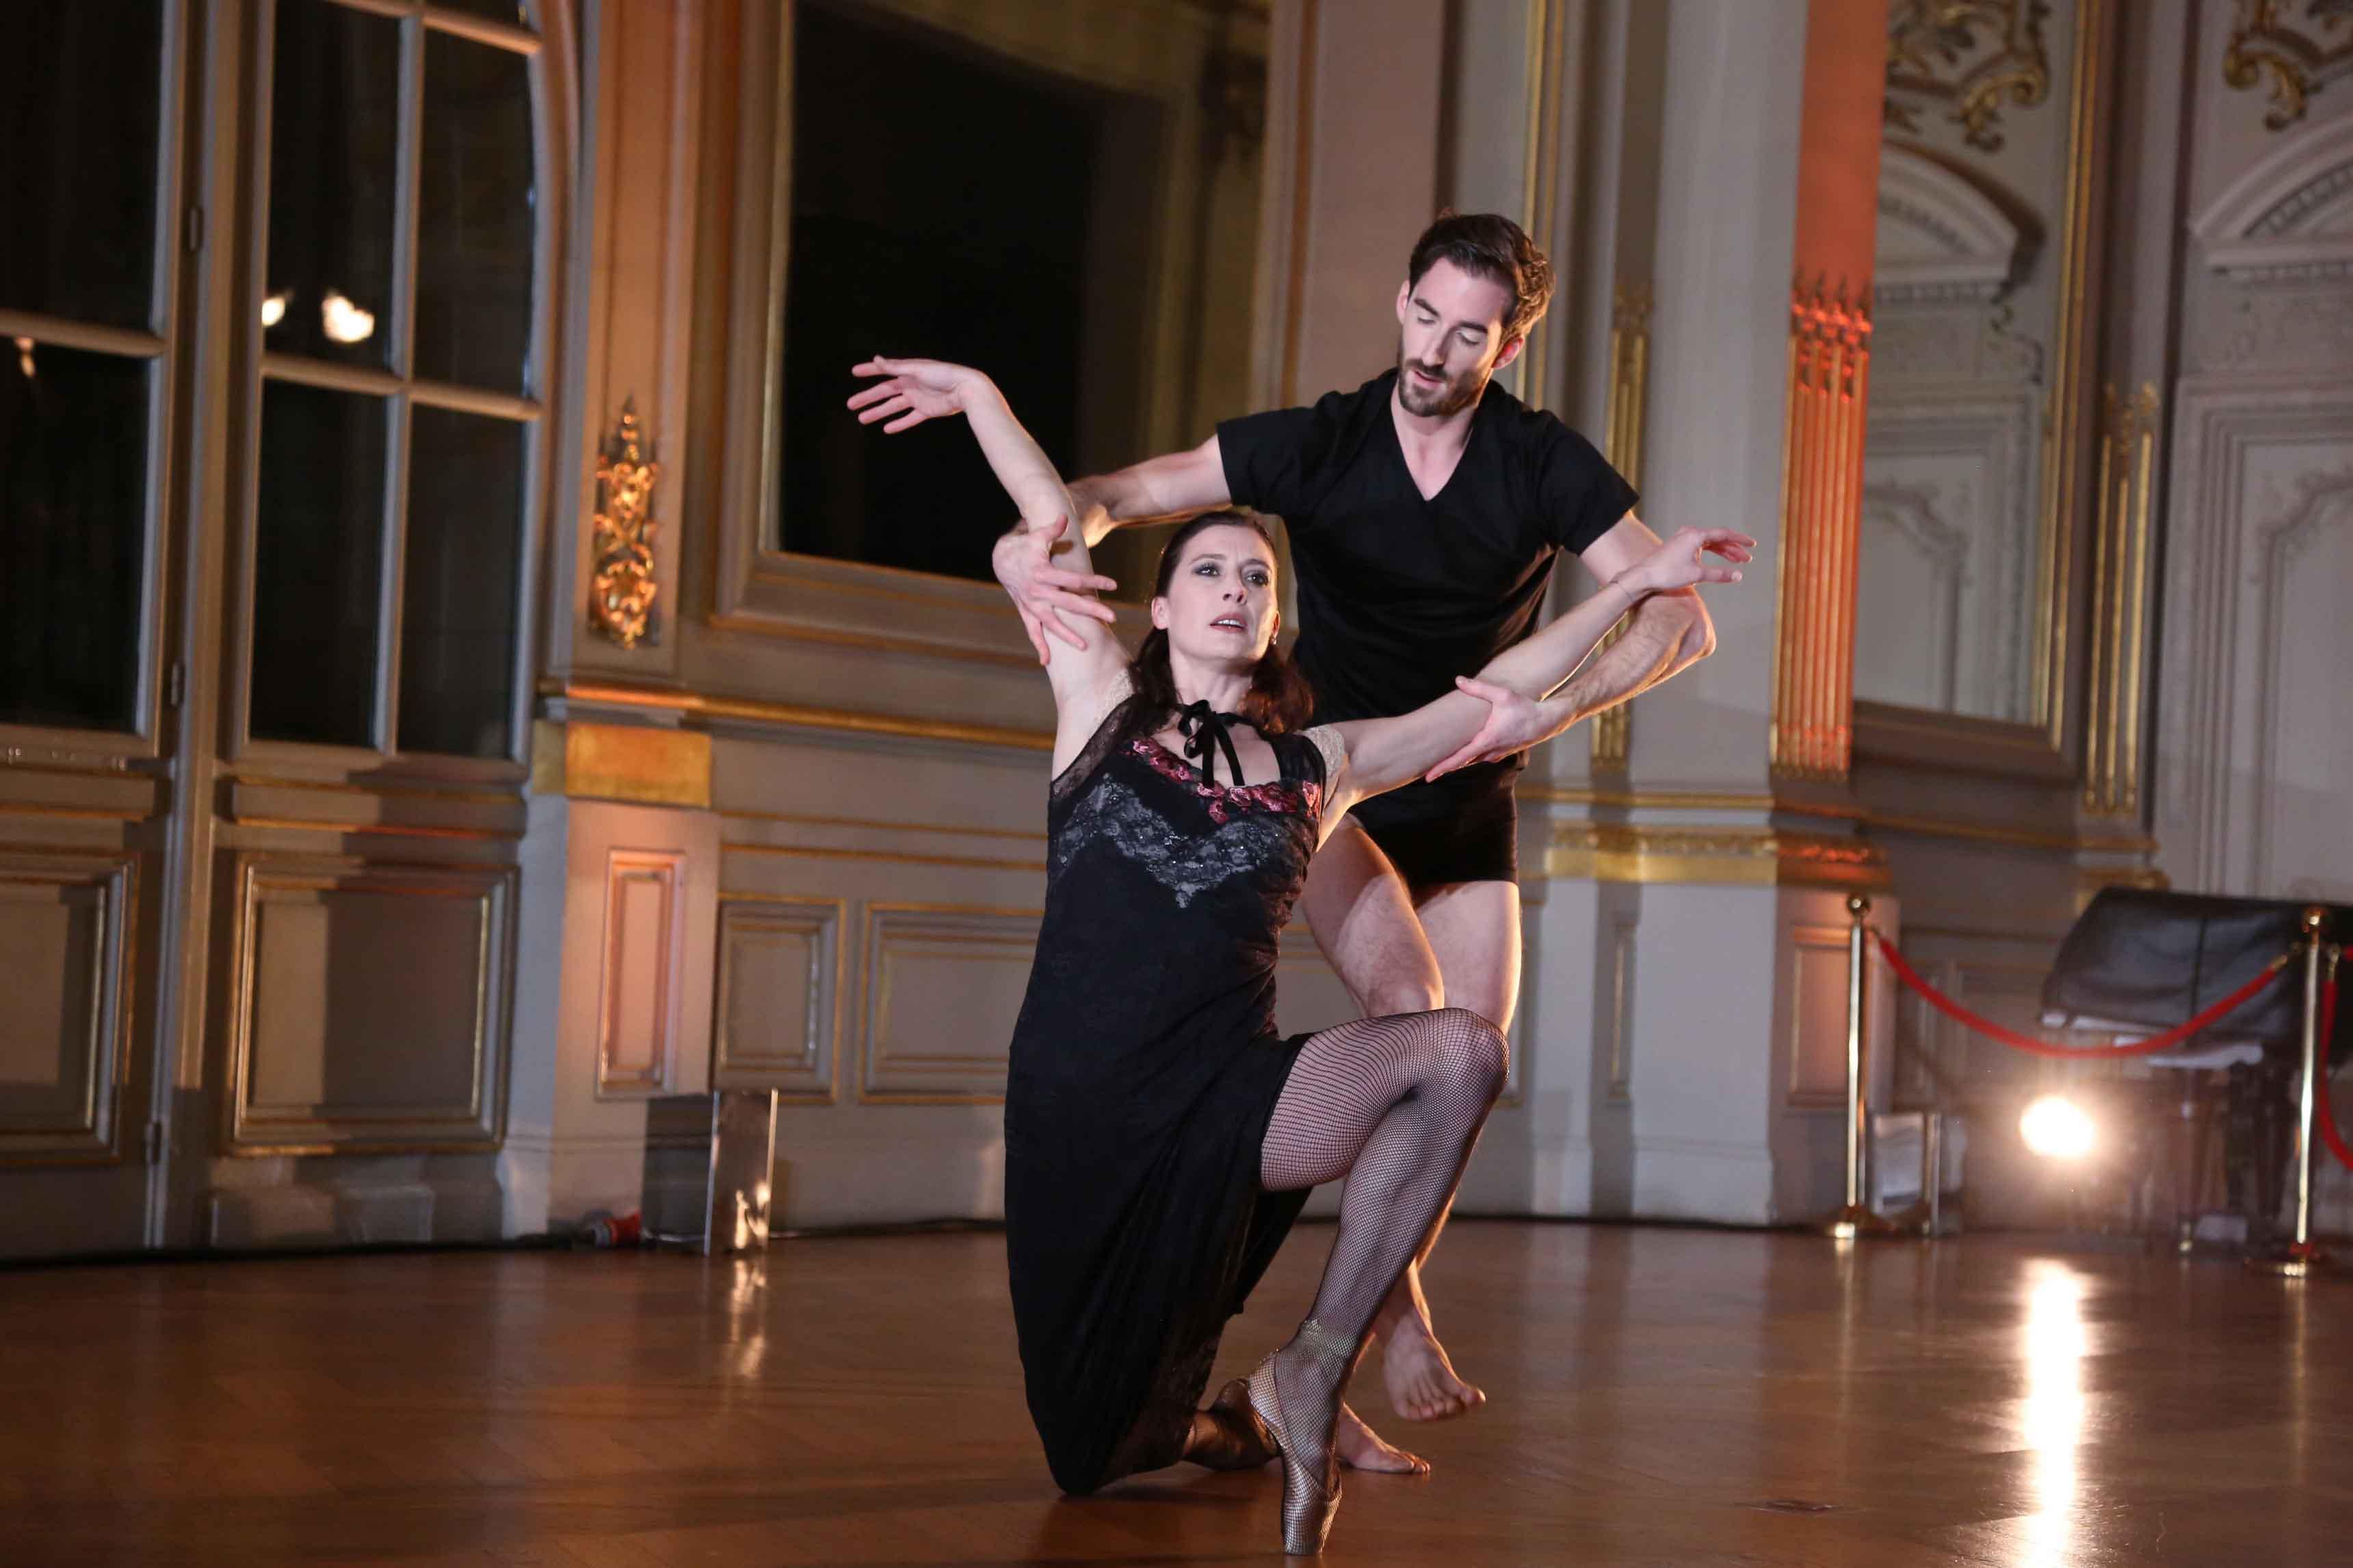 La performance de Marie-Agnès Gillot et Vincent Chaillet, photo par Rachid Bellak